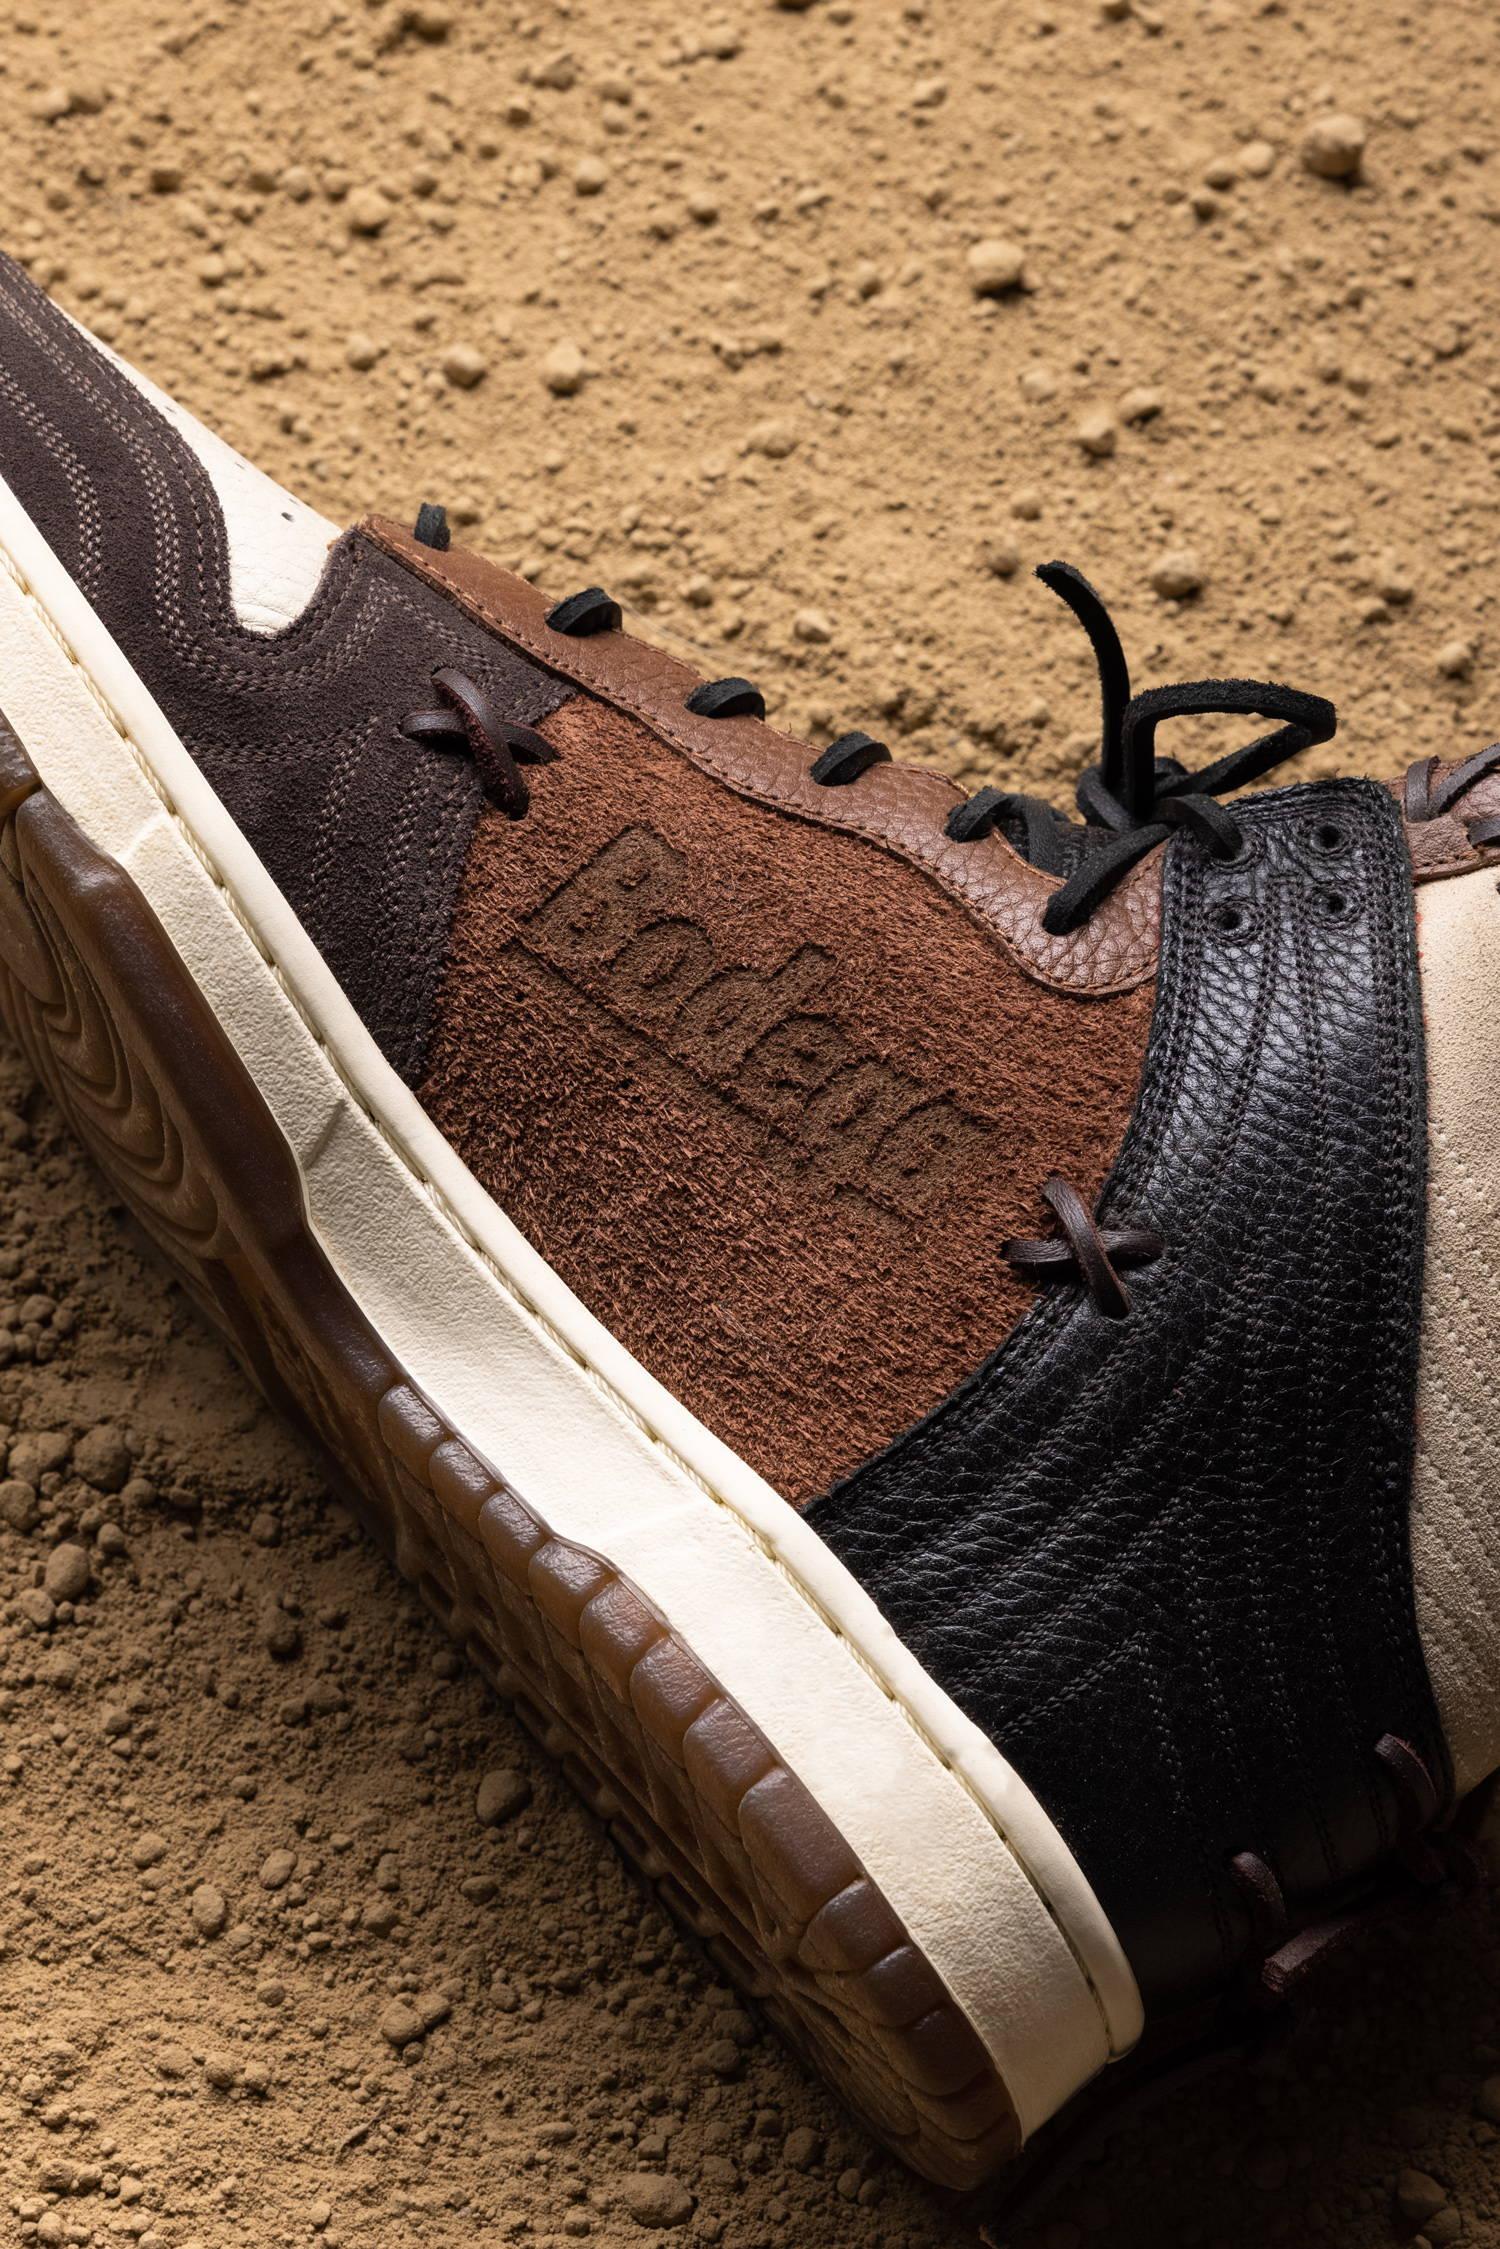 ボデガ × ナイキ ダンク ハイ Bodega-Nike-Dunk-High-Fauna-Brown-Rustic-Velvet-Brown-Multi-Color-CZ8125-200 CZ8125-200 wearing